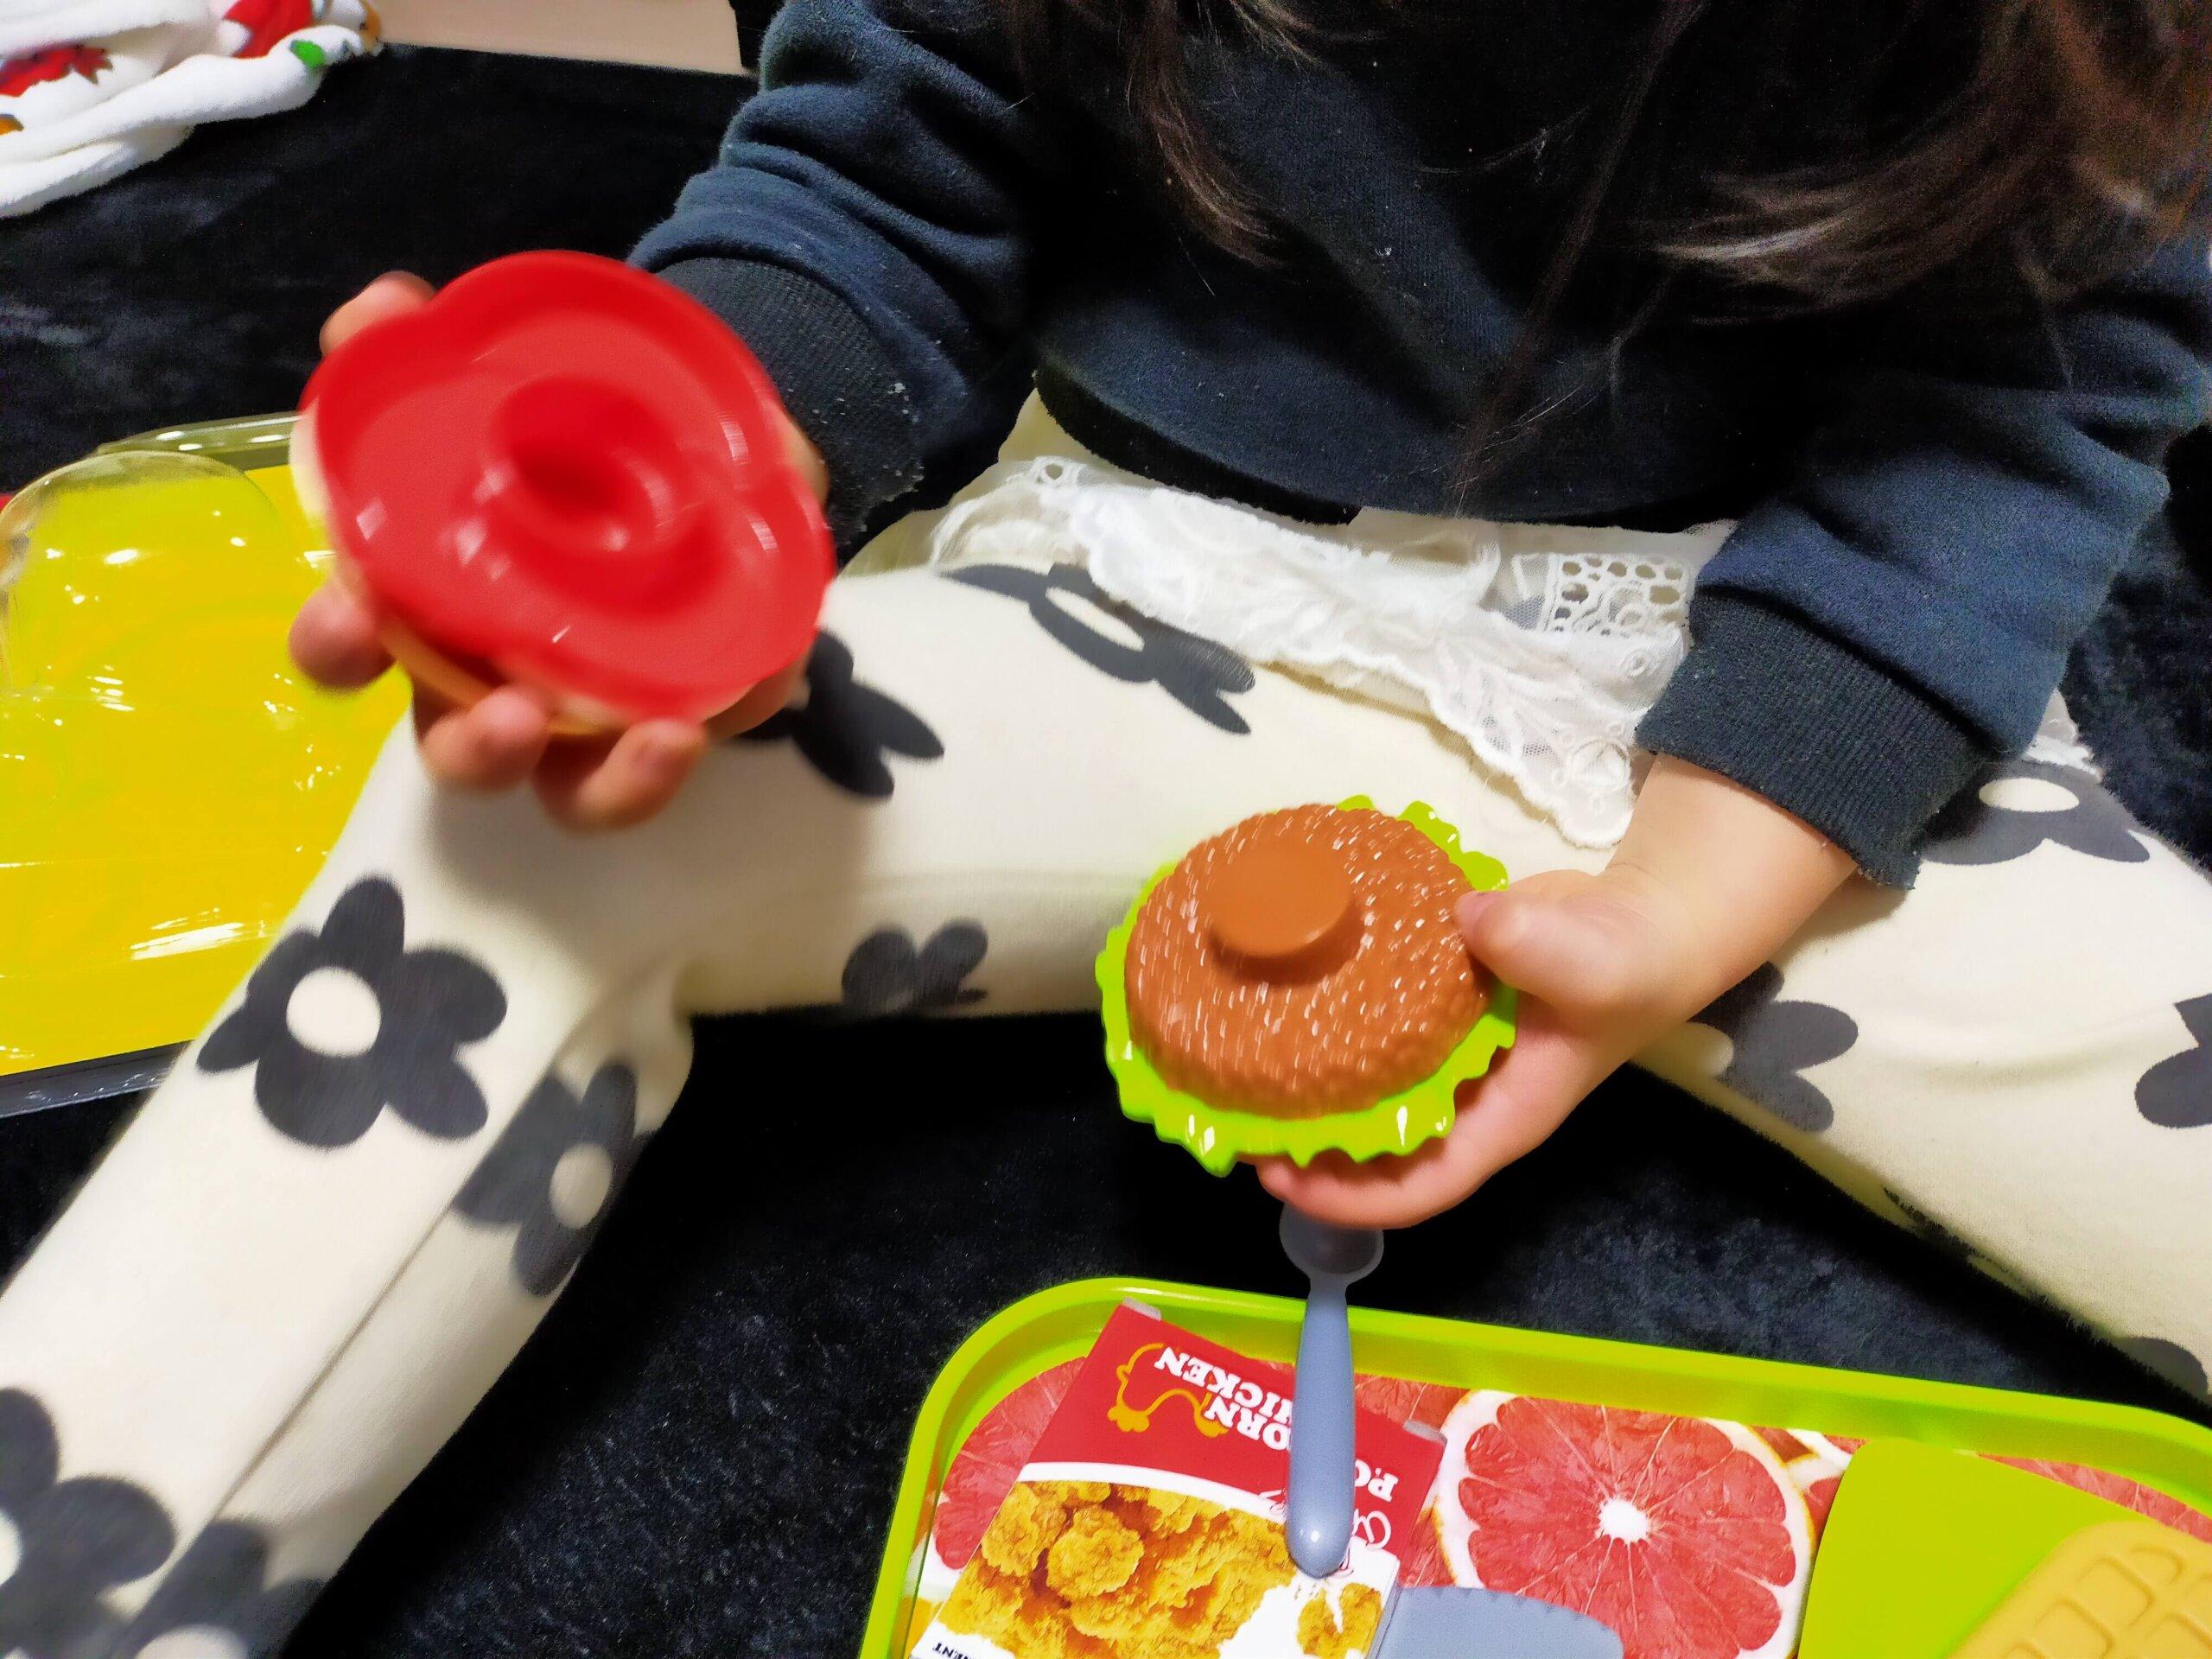 【ダイソー】500円のおままごとハンバーガーセットがおすすめ♪【THREEPPY(スリーピー)】